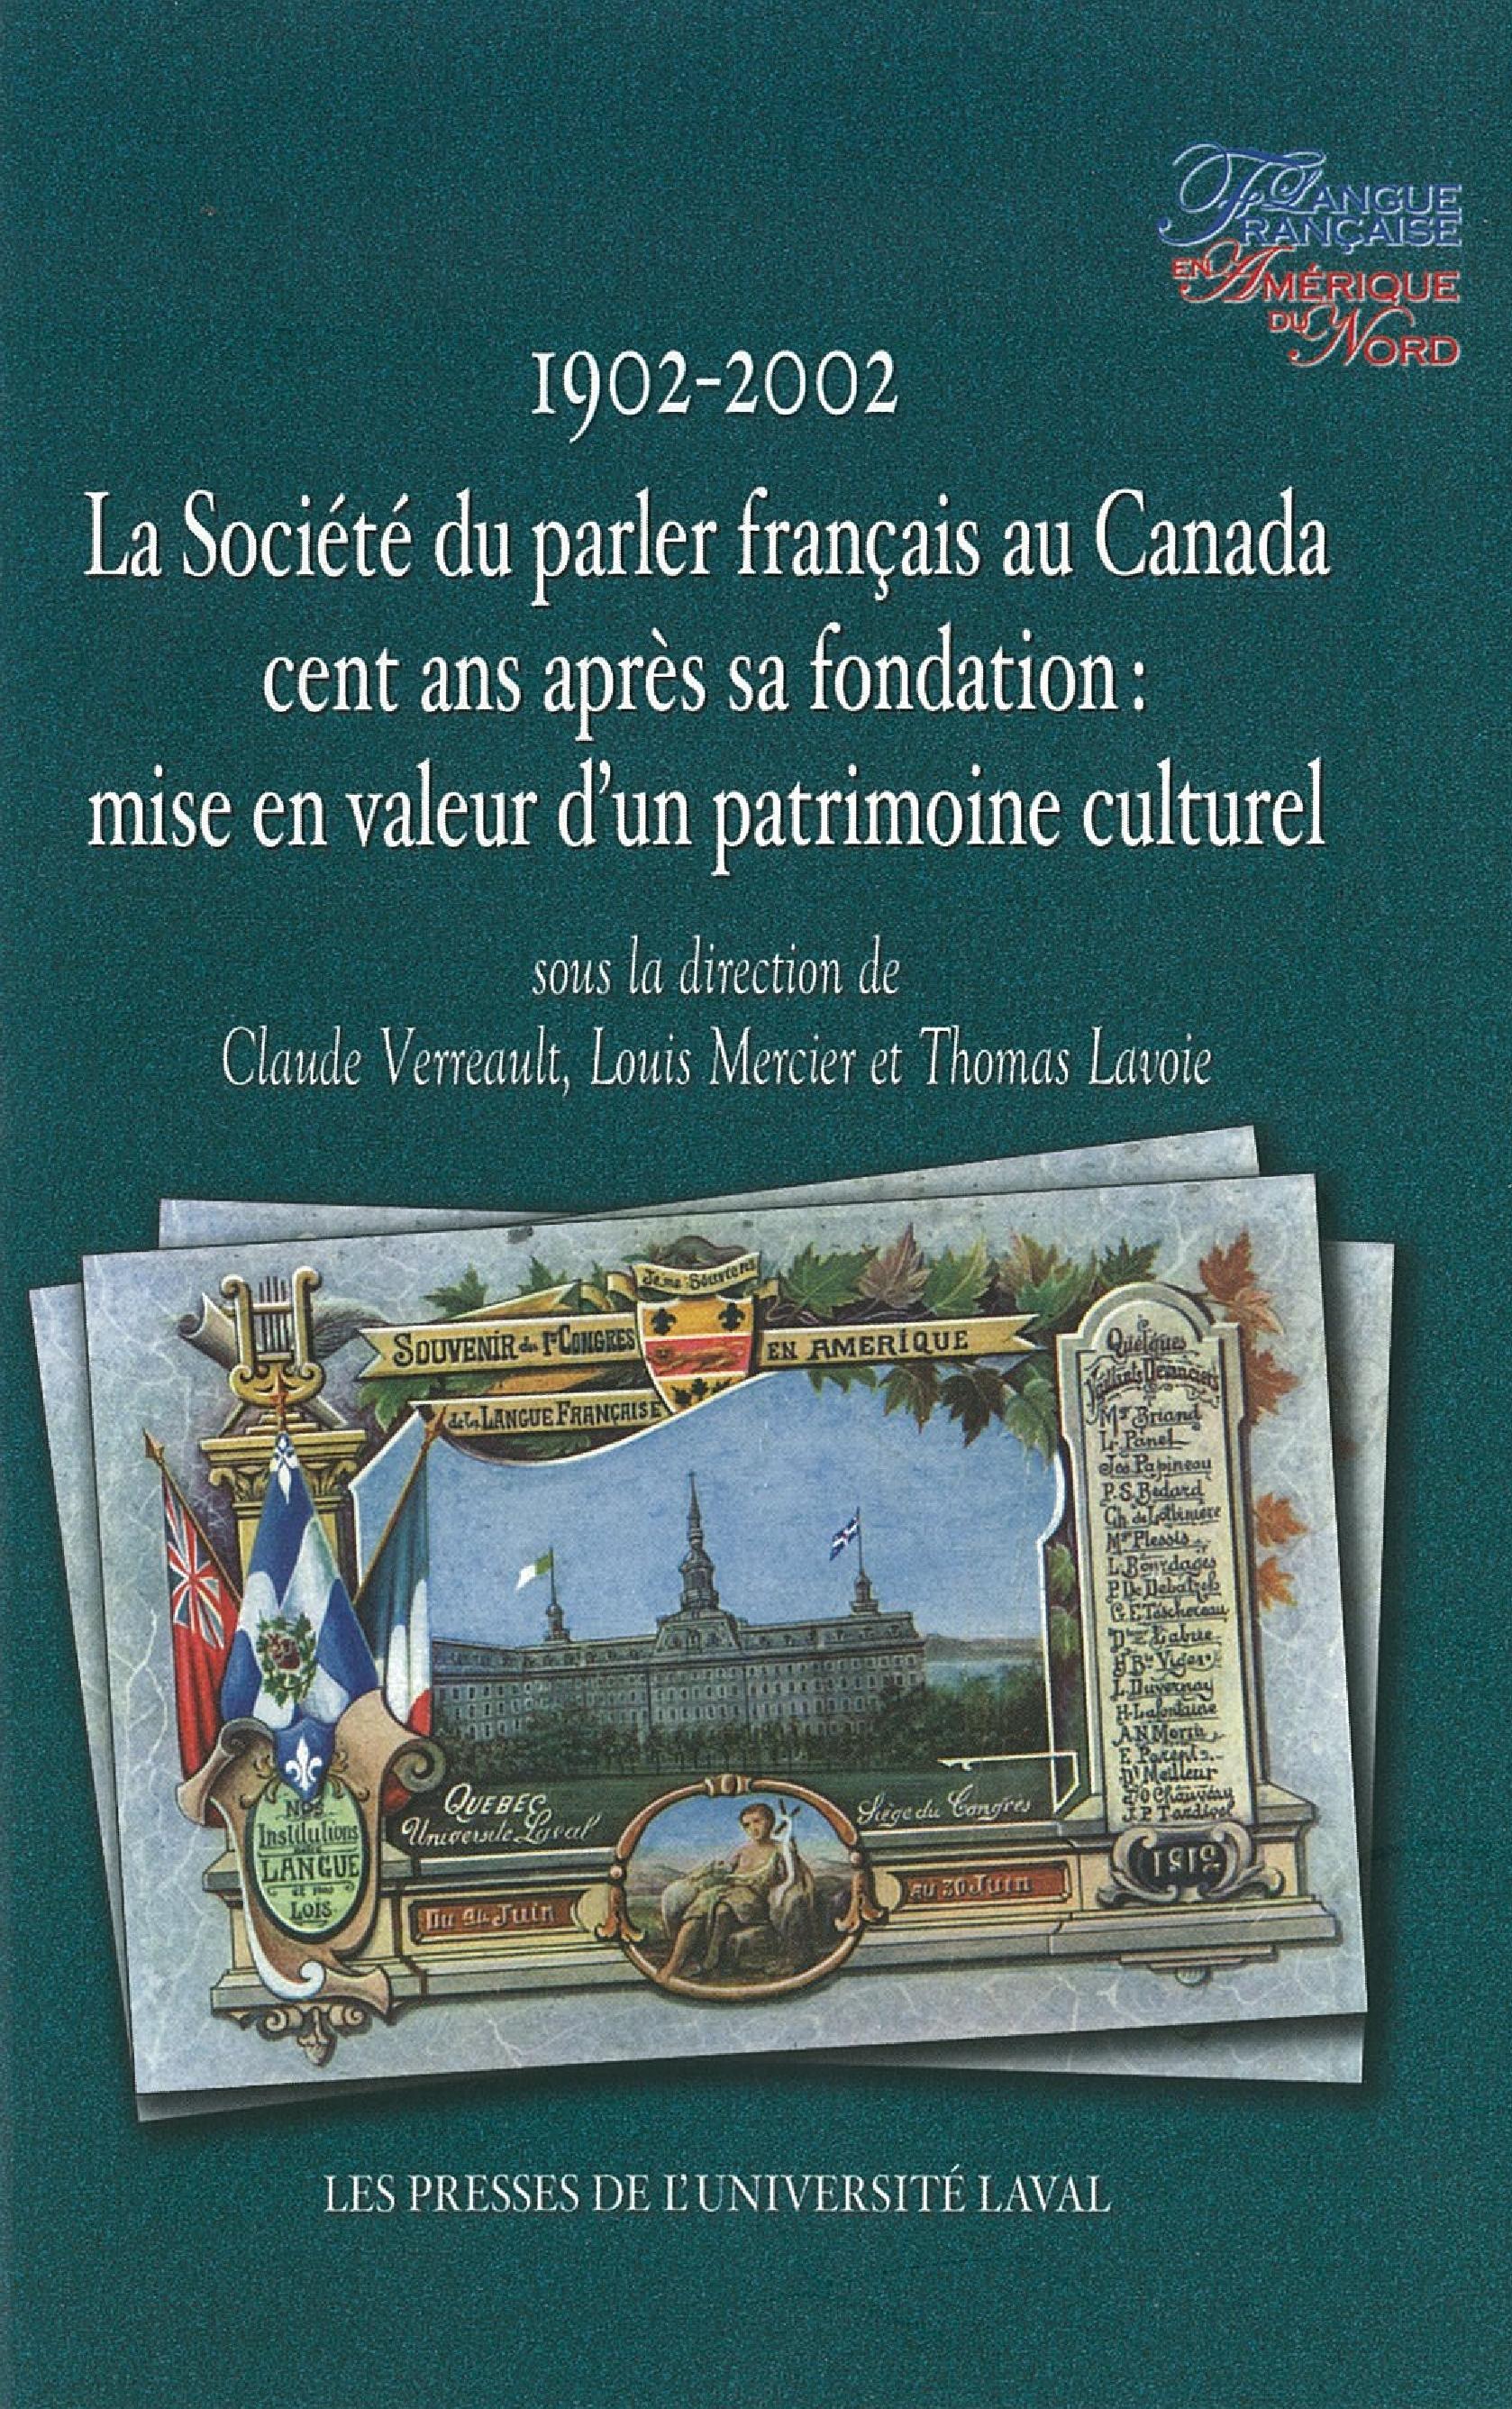 Société du parler-français (1902-2002)